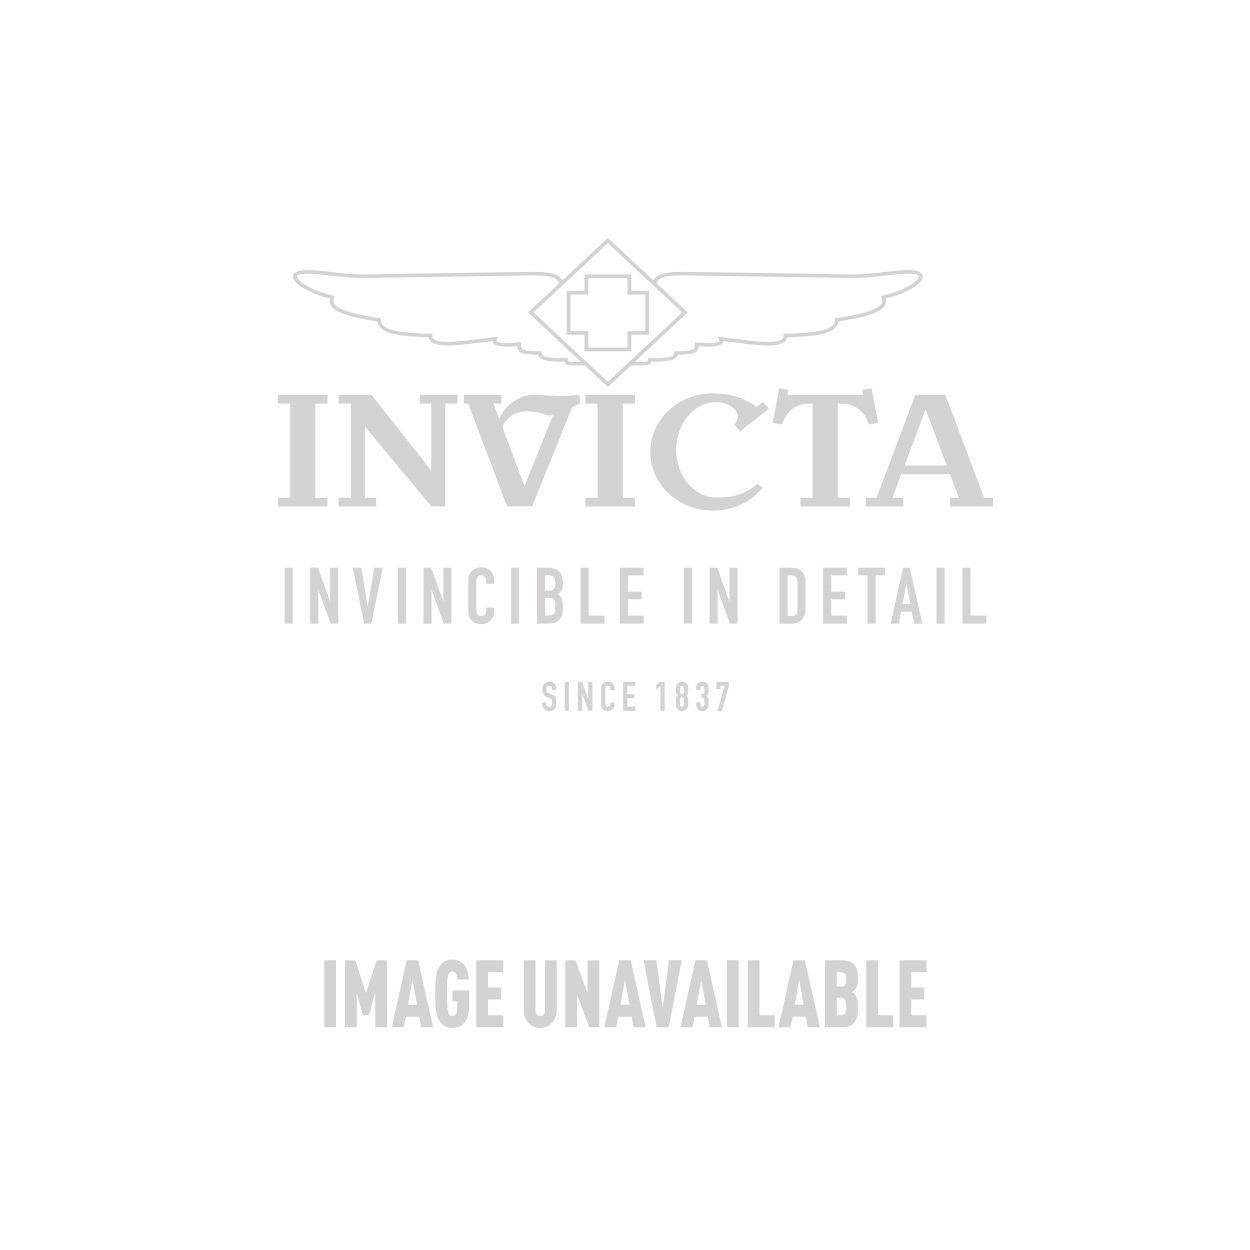 Invicta Model 24035